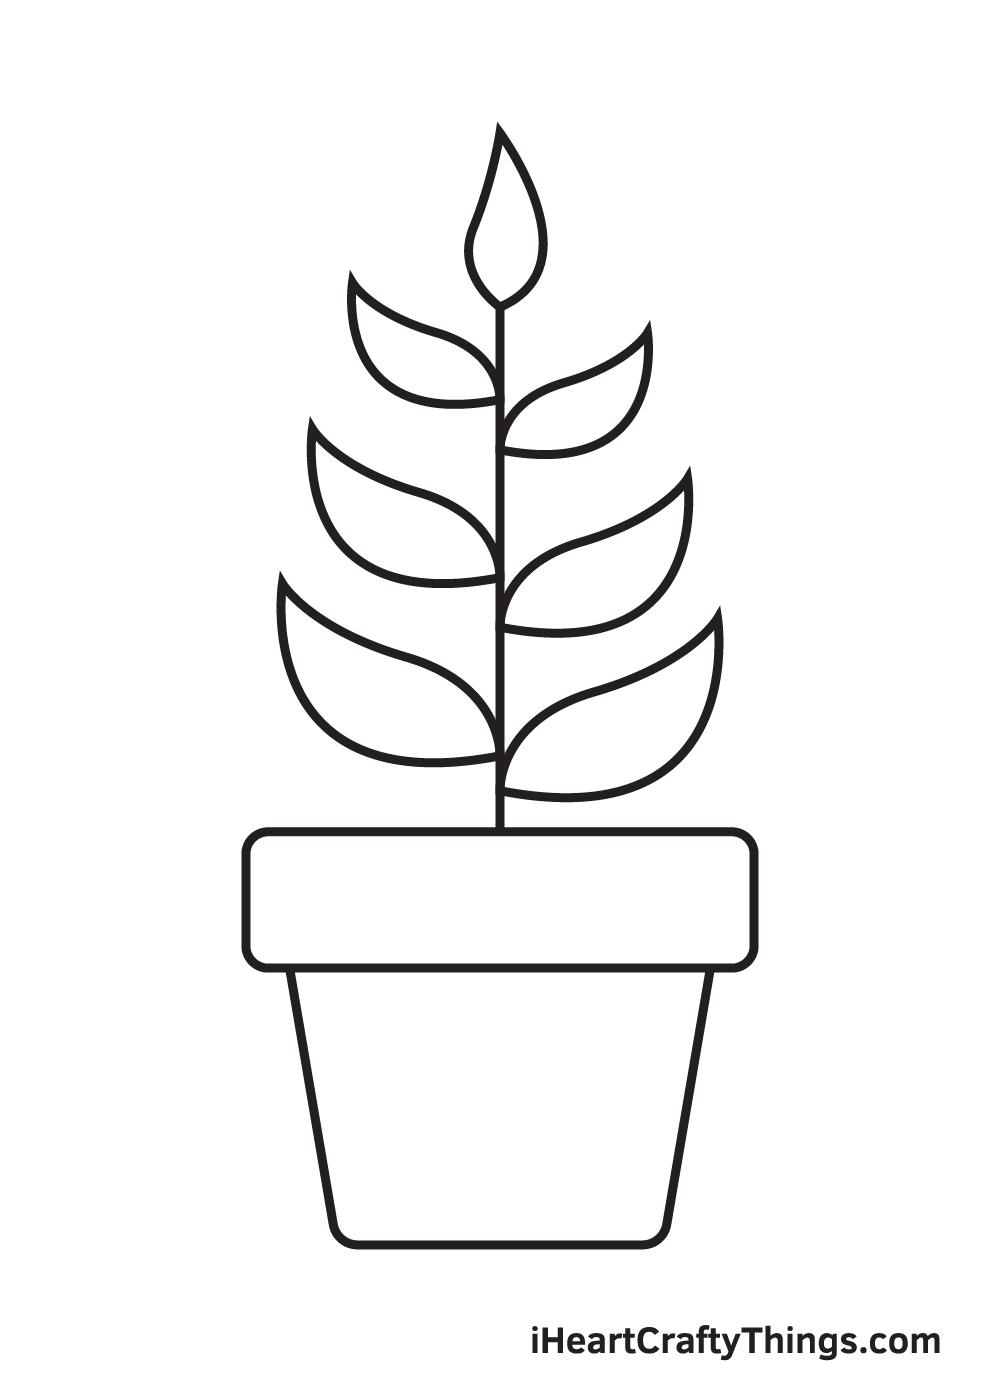 Bản vẽ thực vật - Bước 9